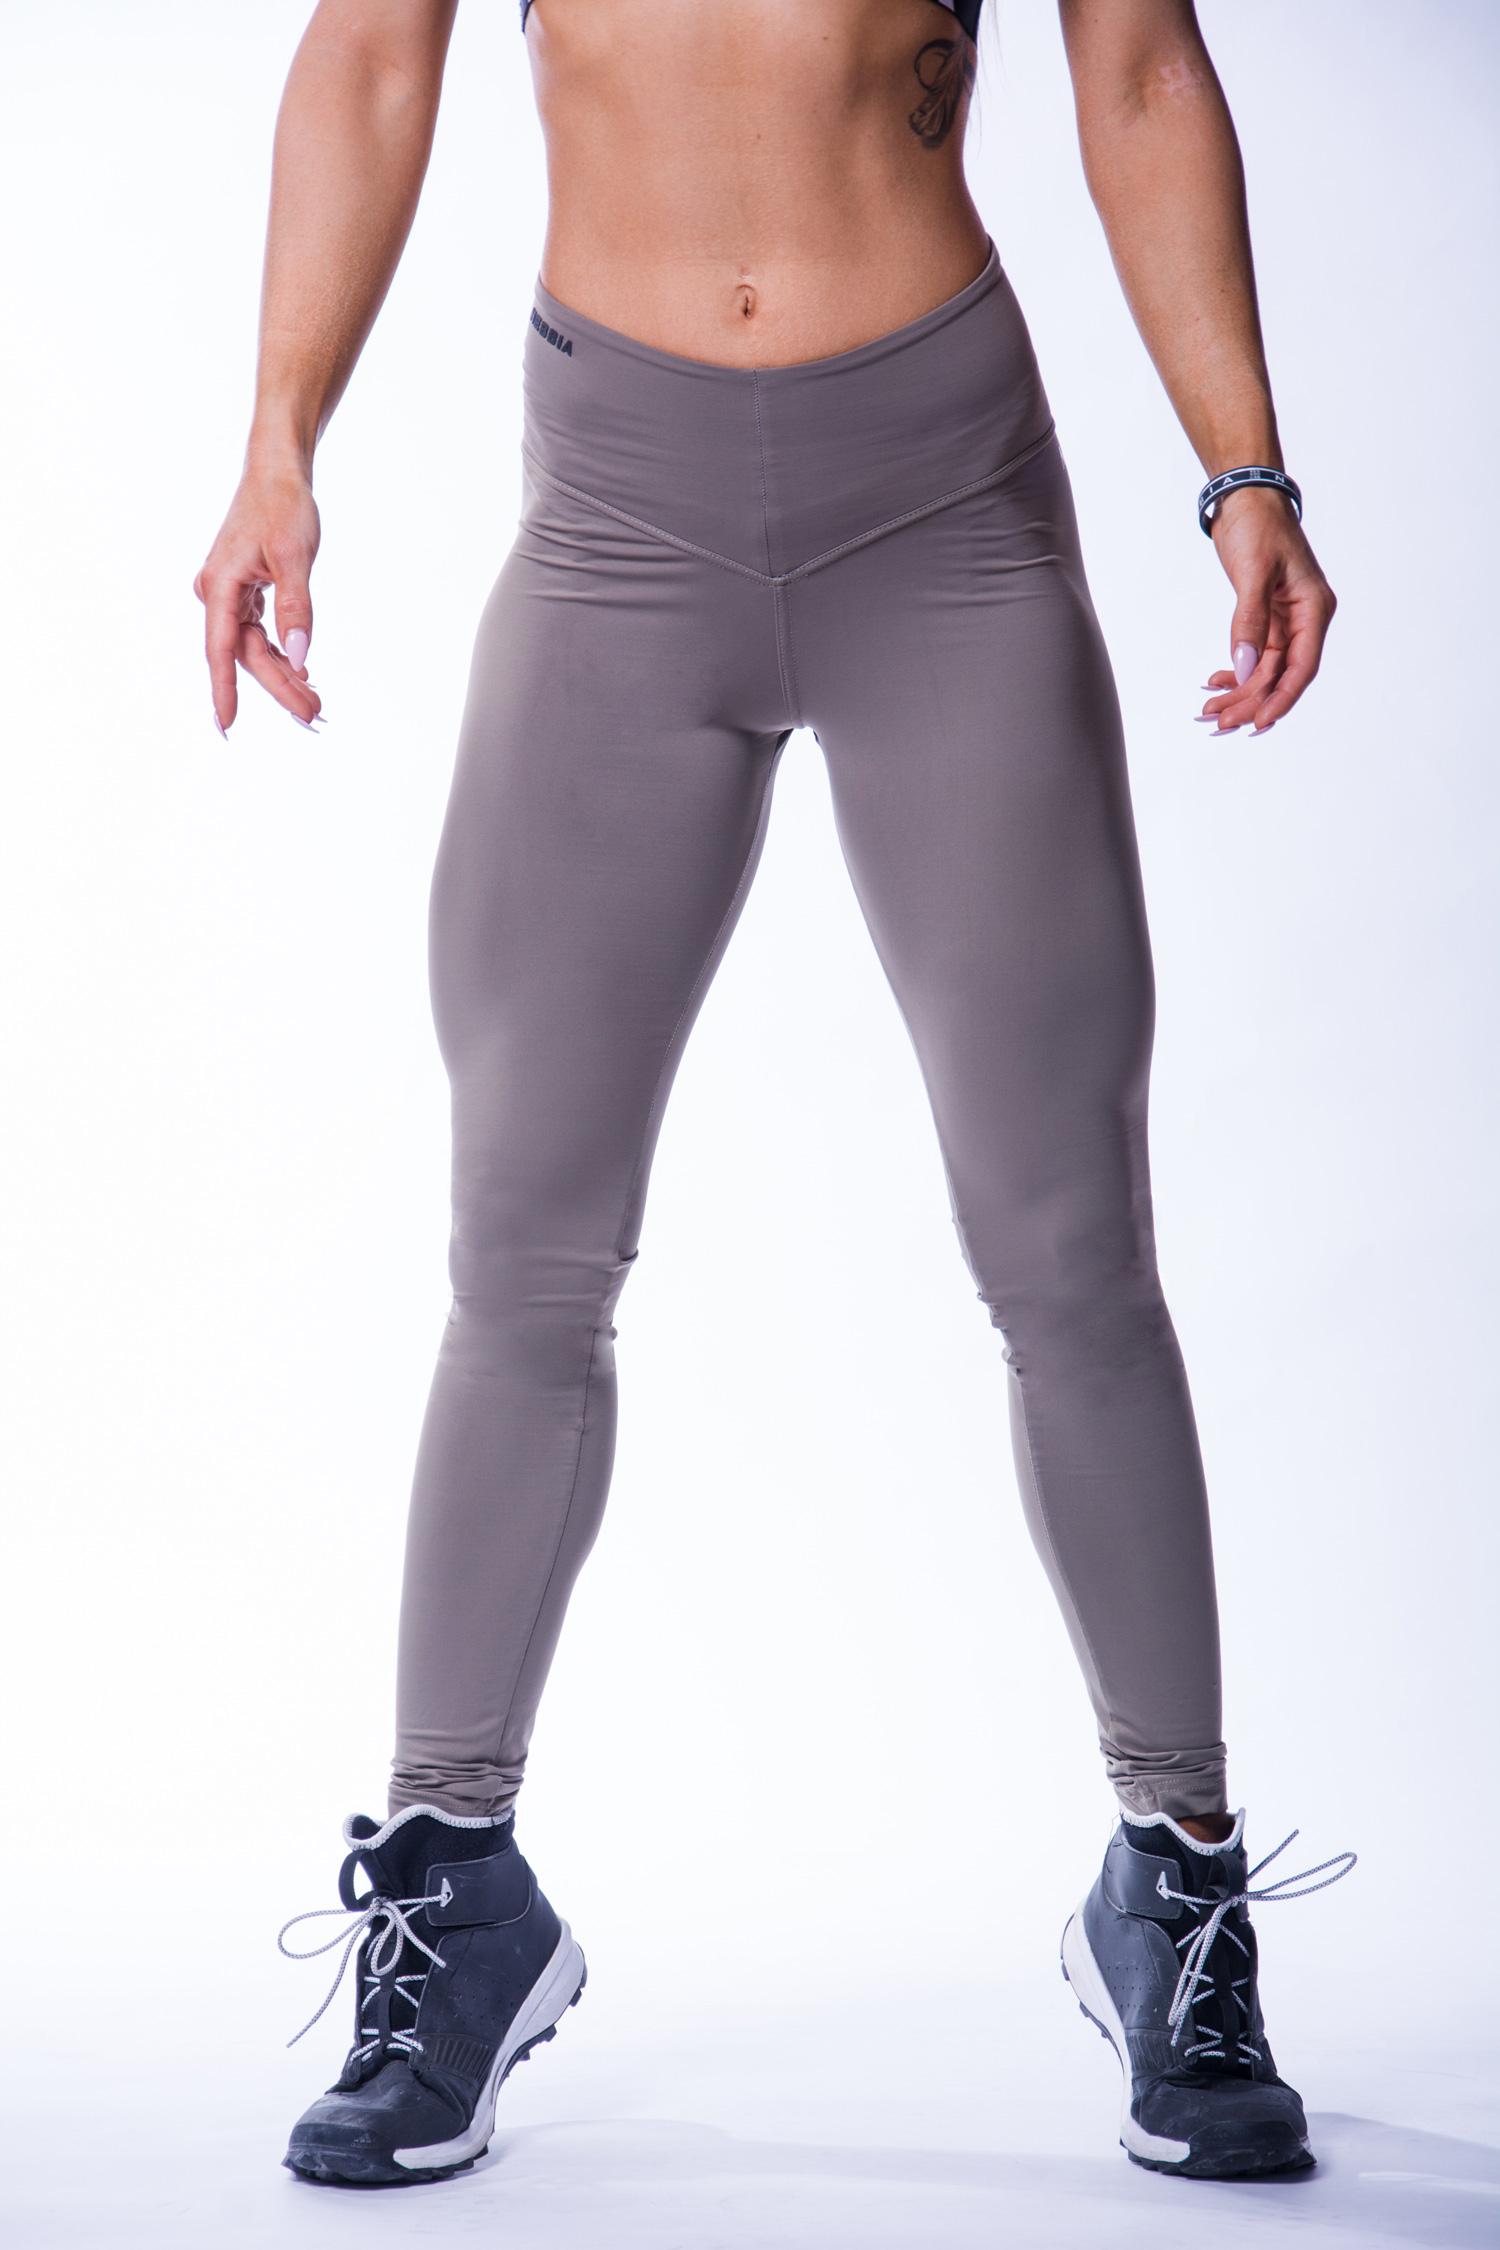 Beste Sportlegging.High Waist Sportlegging Dames Scrunch Butt Mokka Nebbia 604